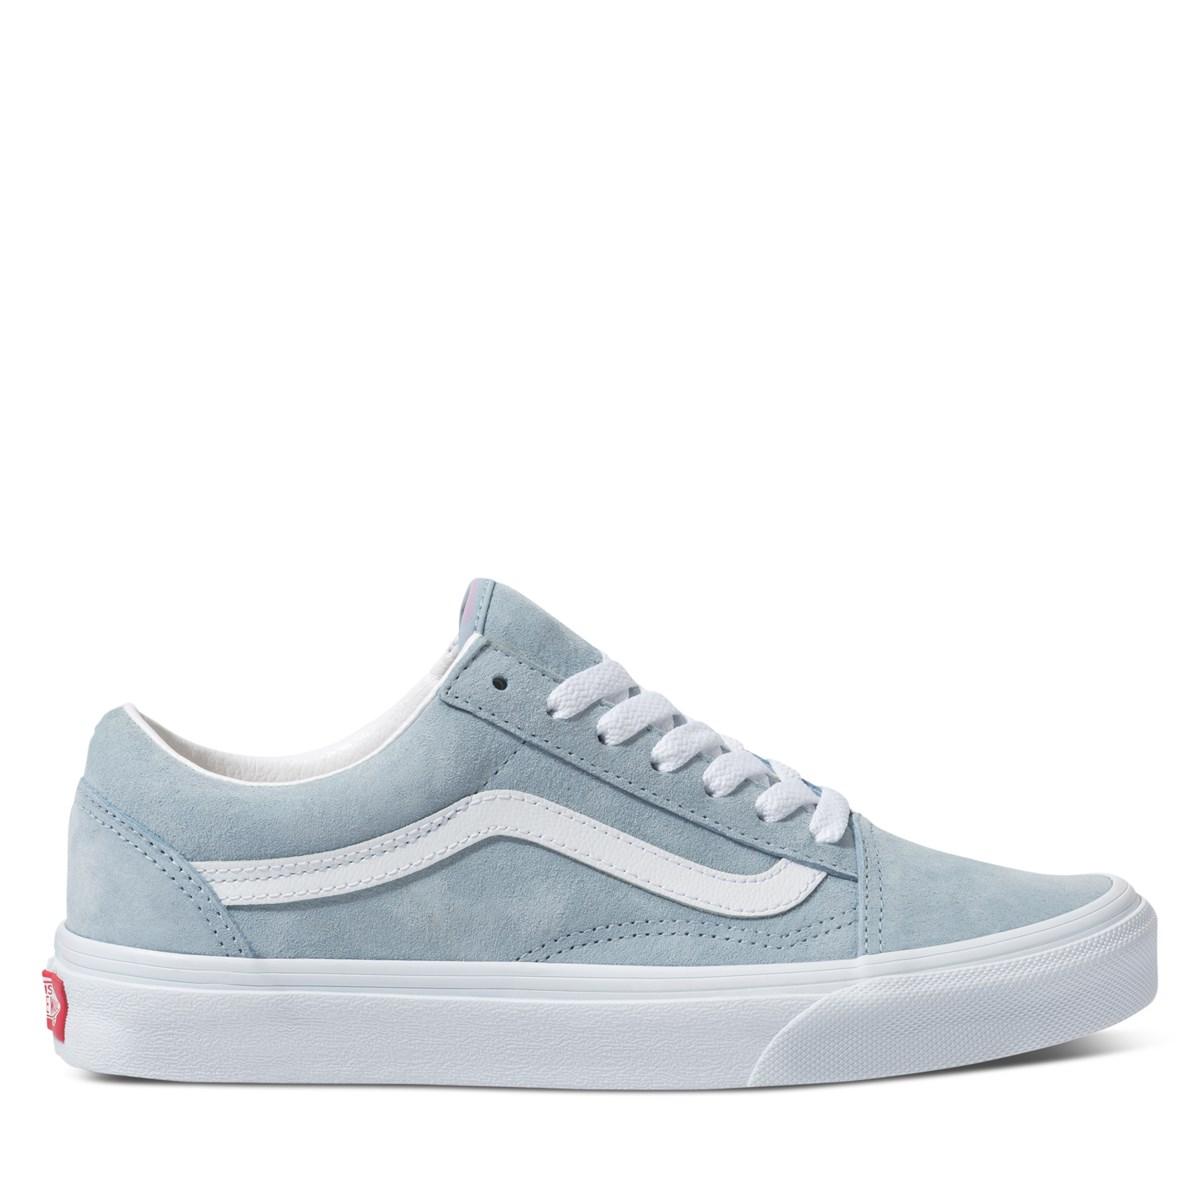 Women's Old Skool Sneakers in Baby Blue Suede